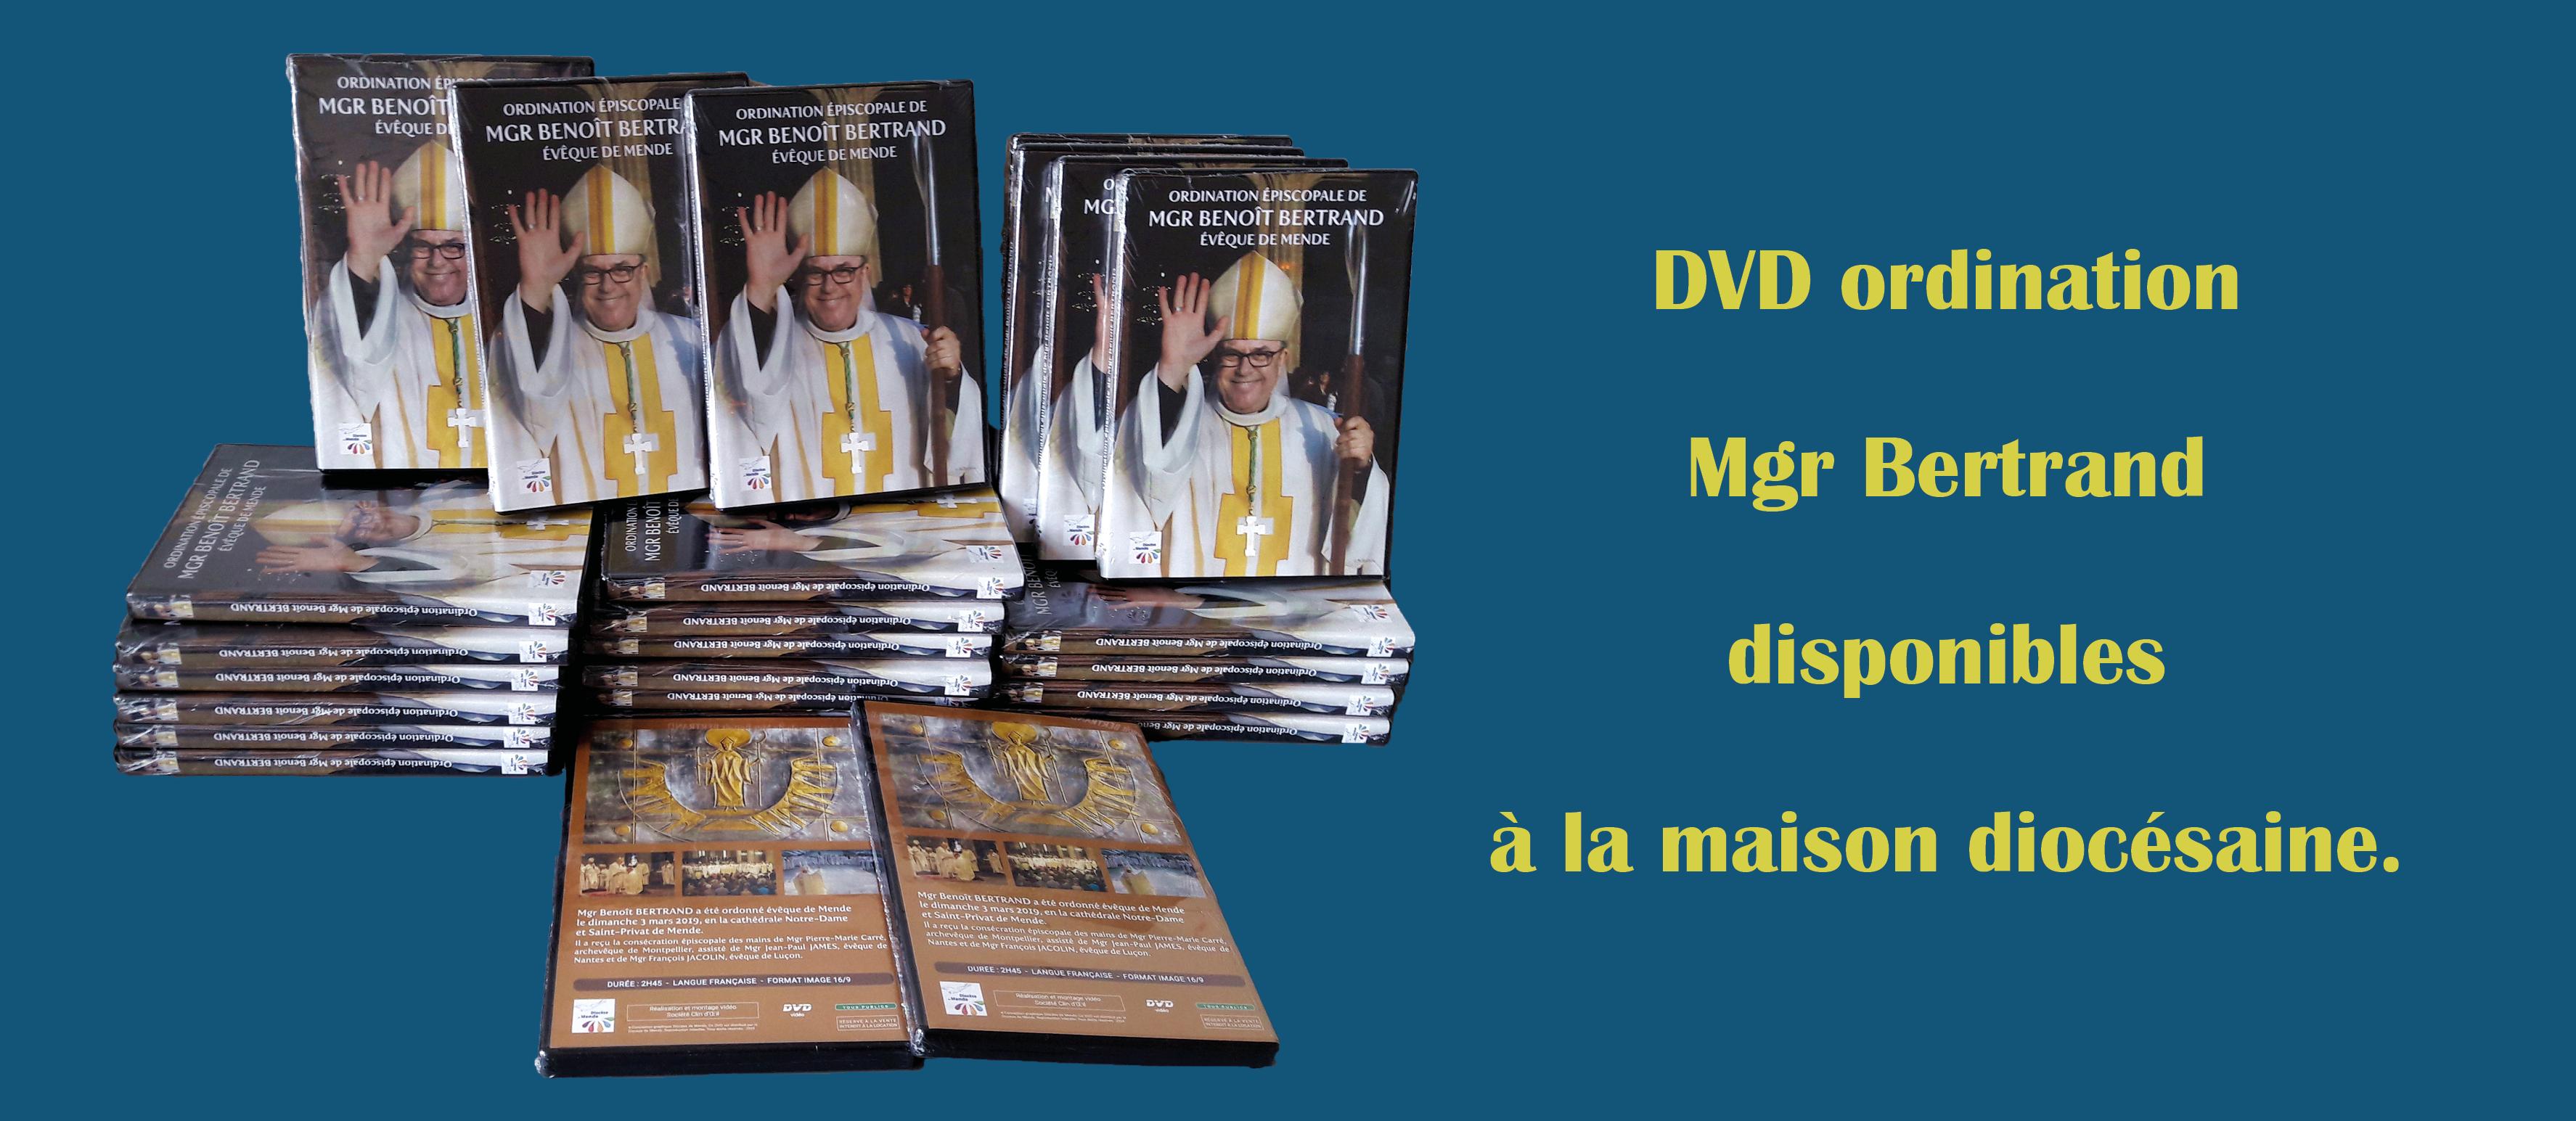 DVD ordination Mgr Bertrand disponibles à la maison diocésaine de Mende